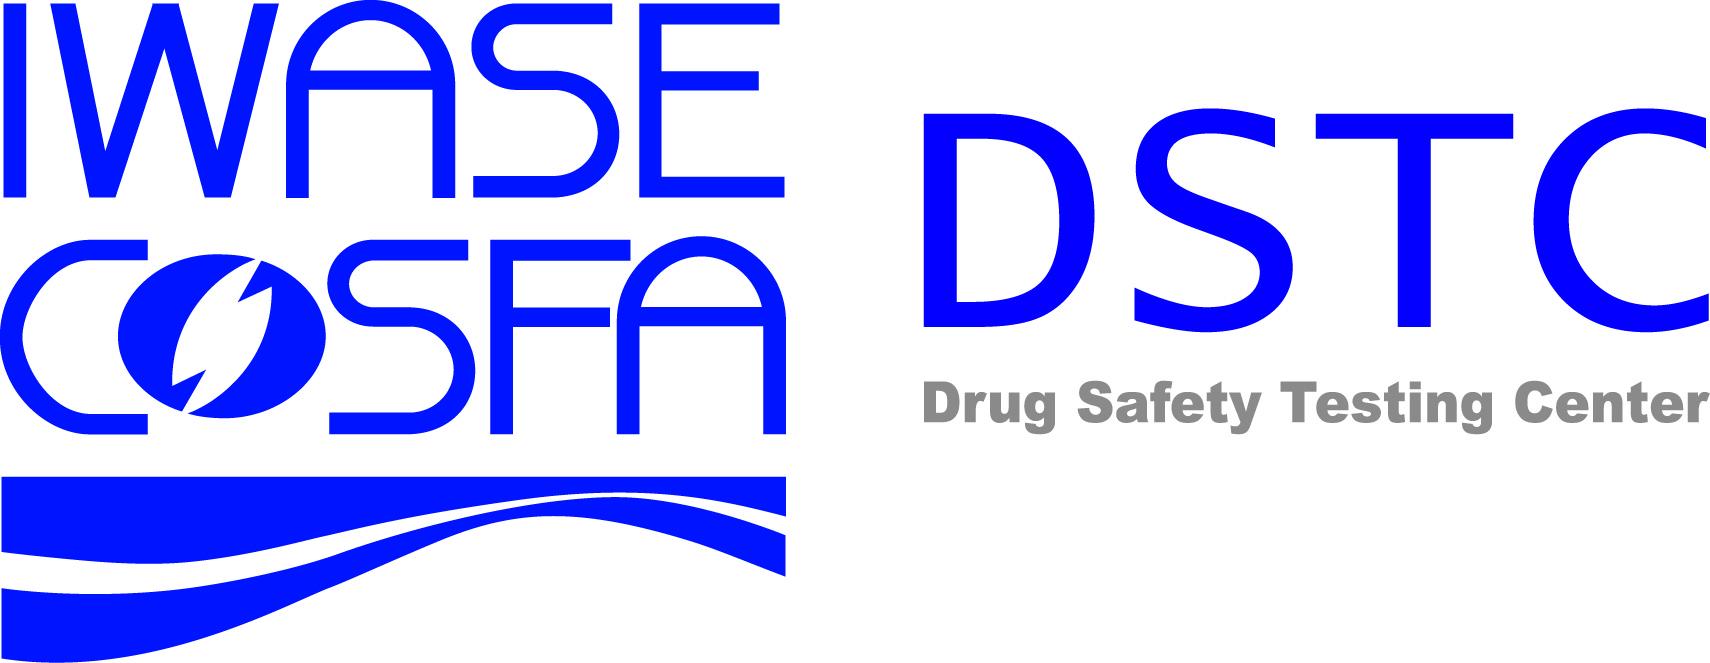 岩瀬コスファ株式会社/株式会社薬物安全性試験センター